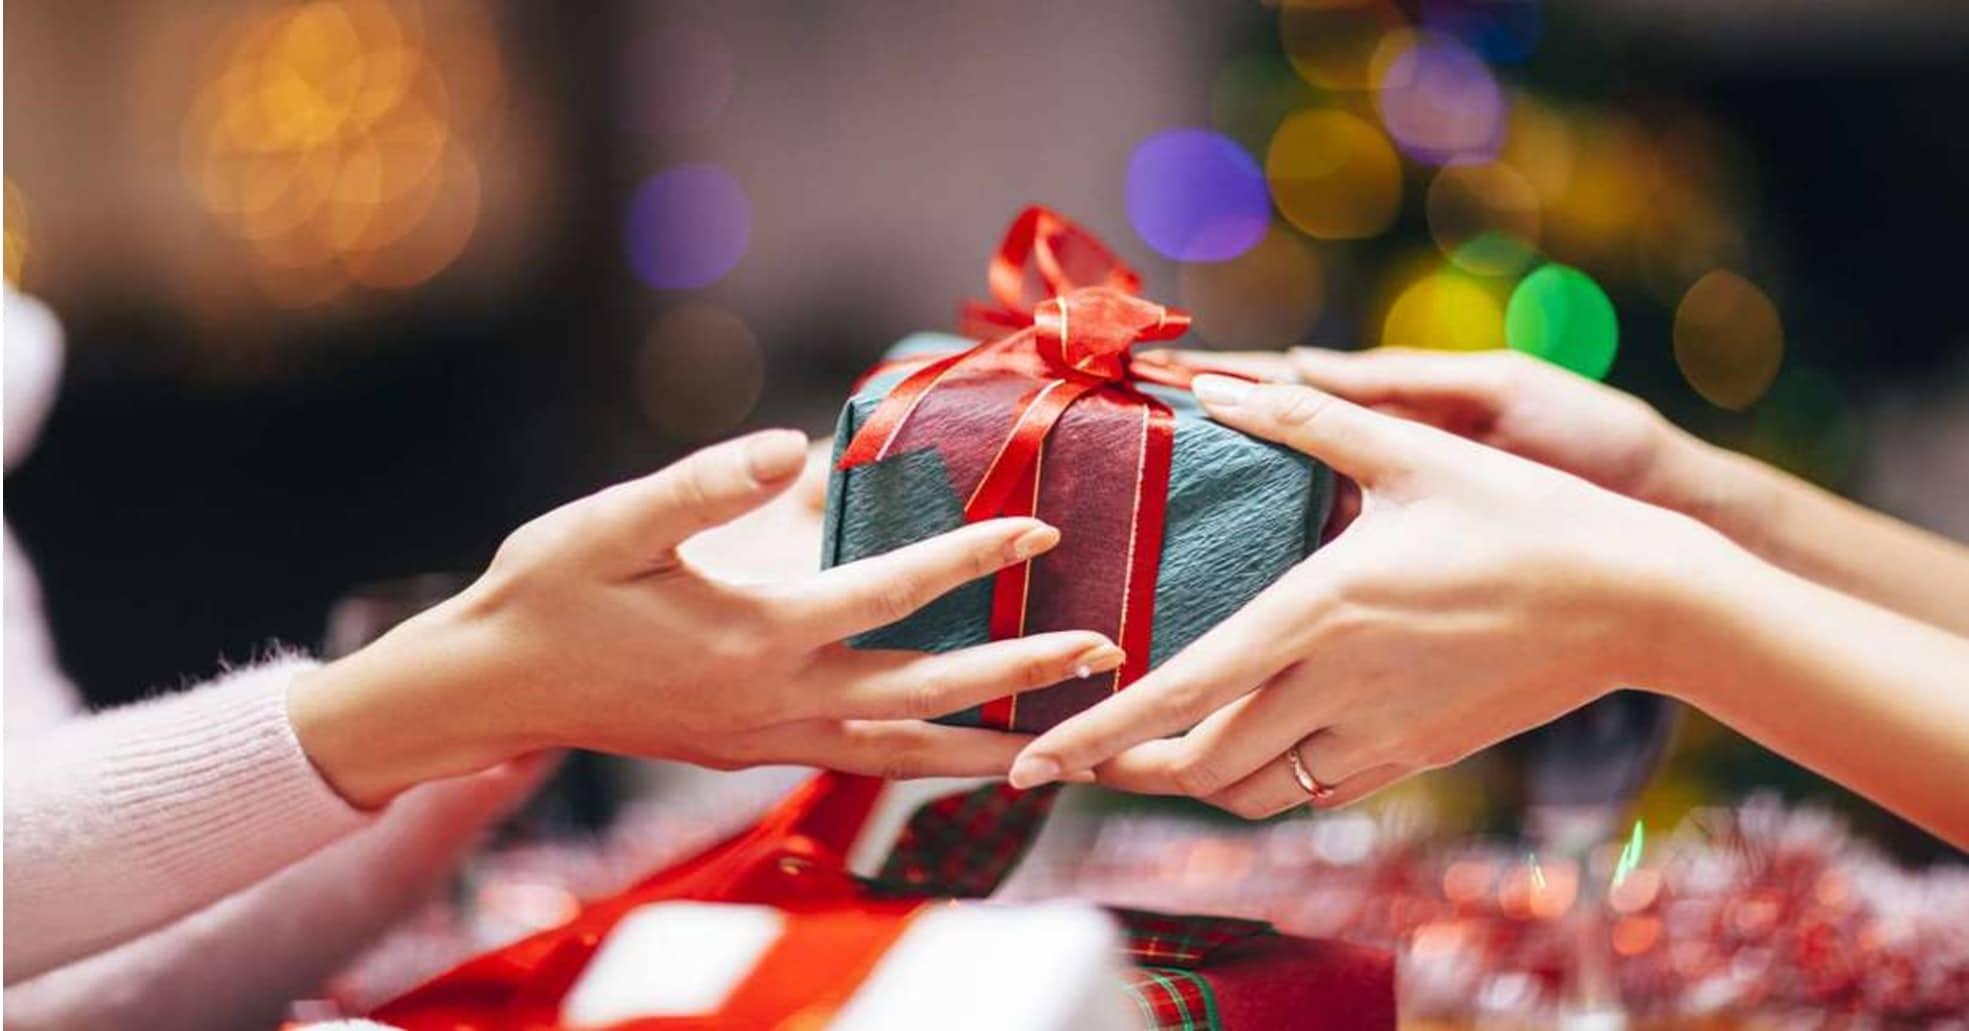 Bạn hãy xác định đúng đối tượng để chọn quà sinh nhật cho phù hợp nhé